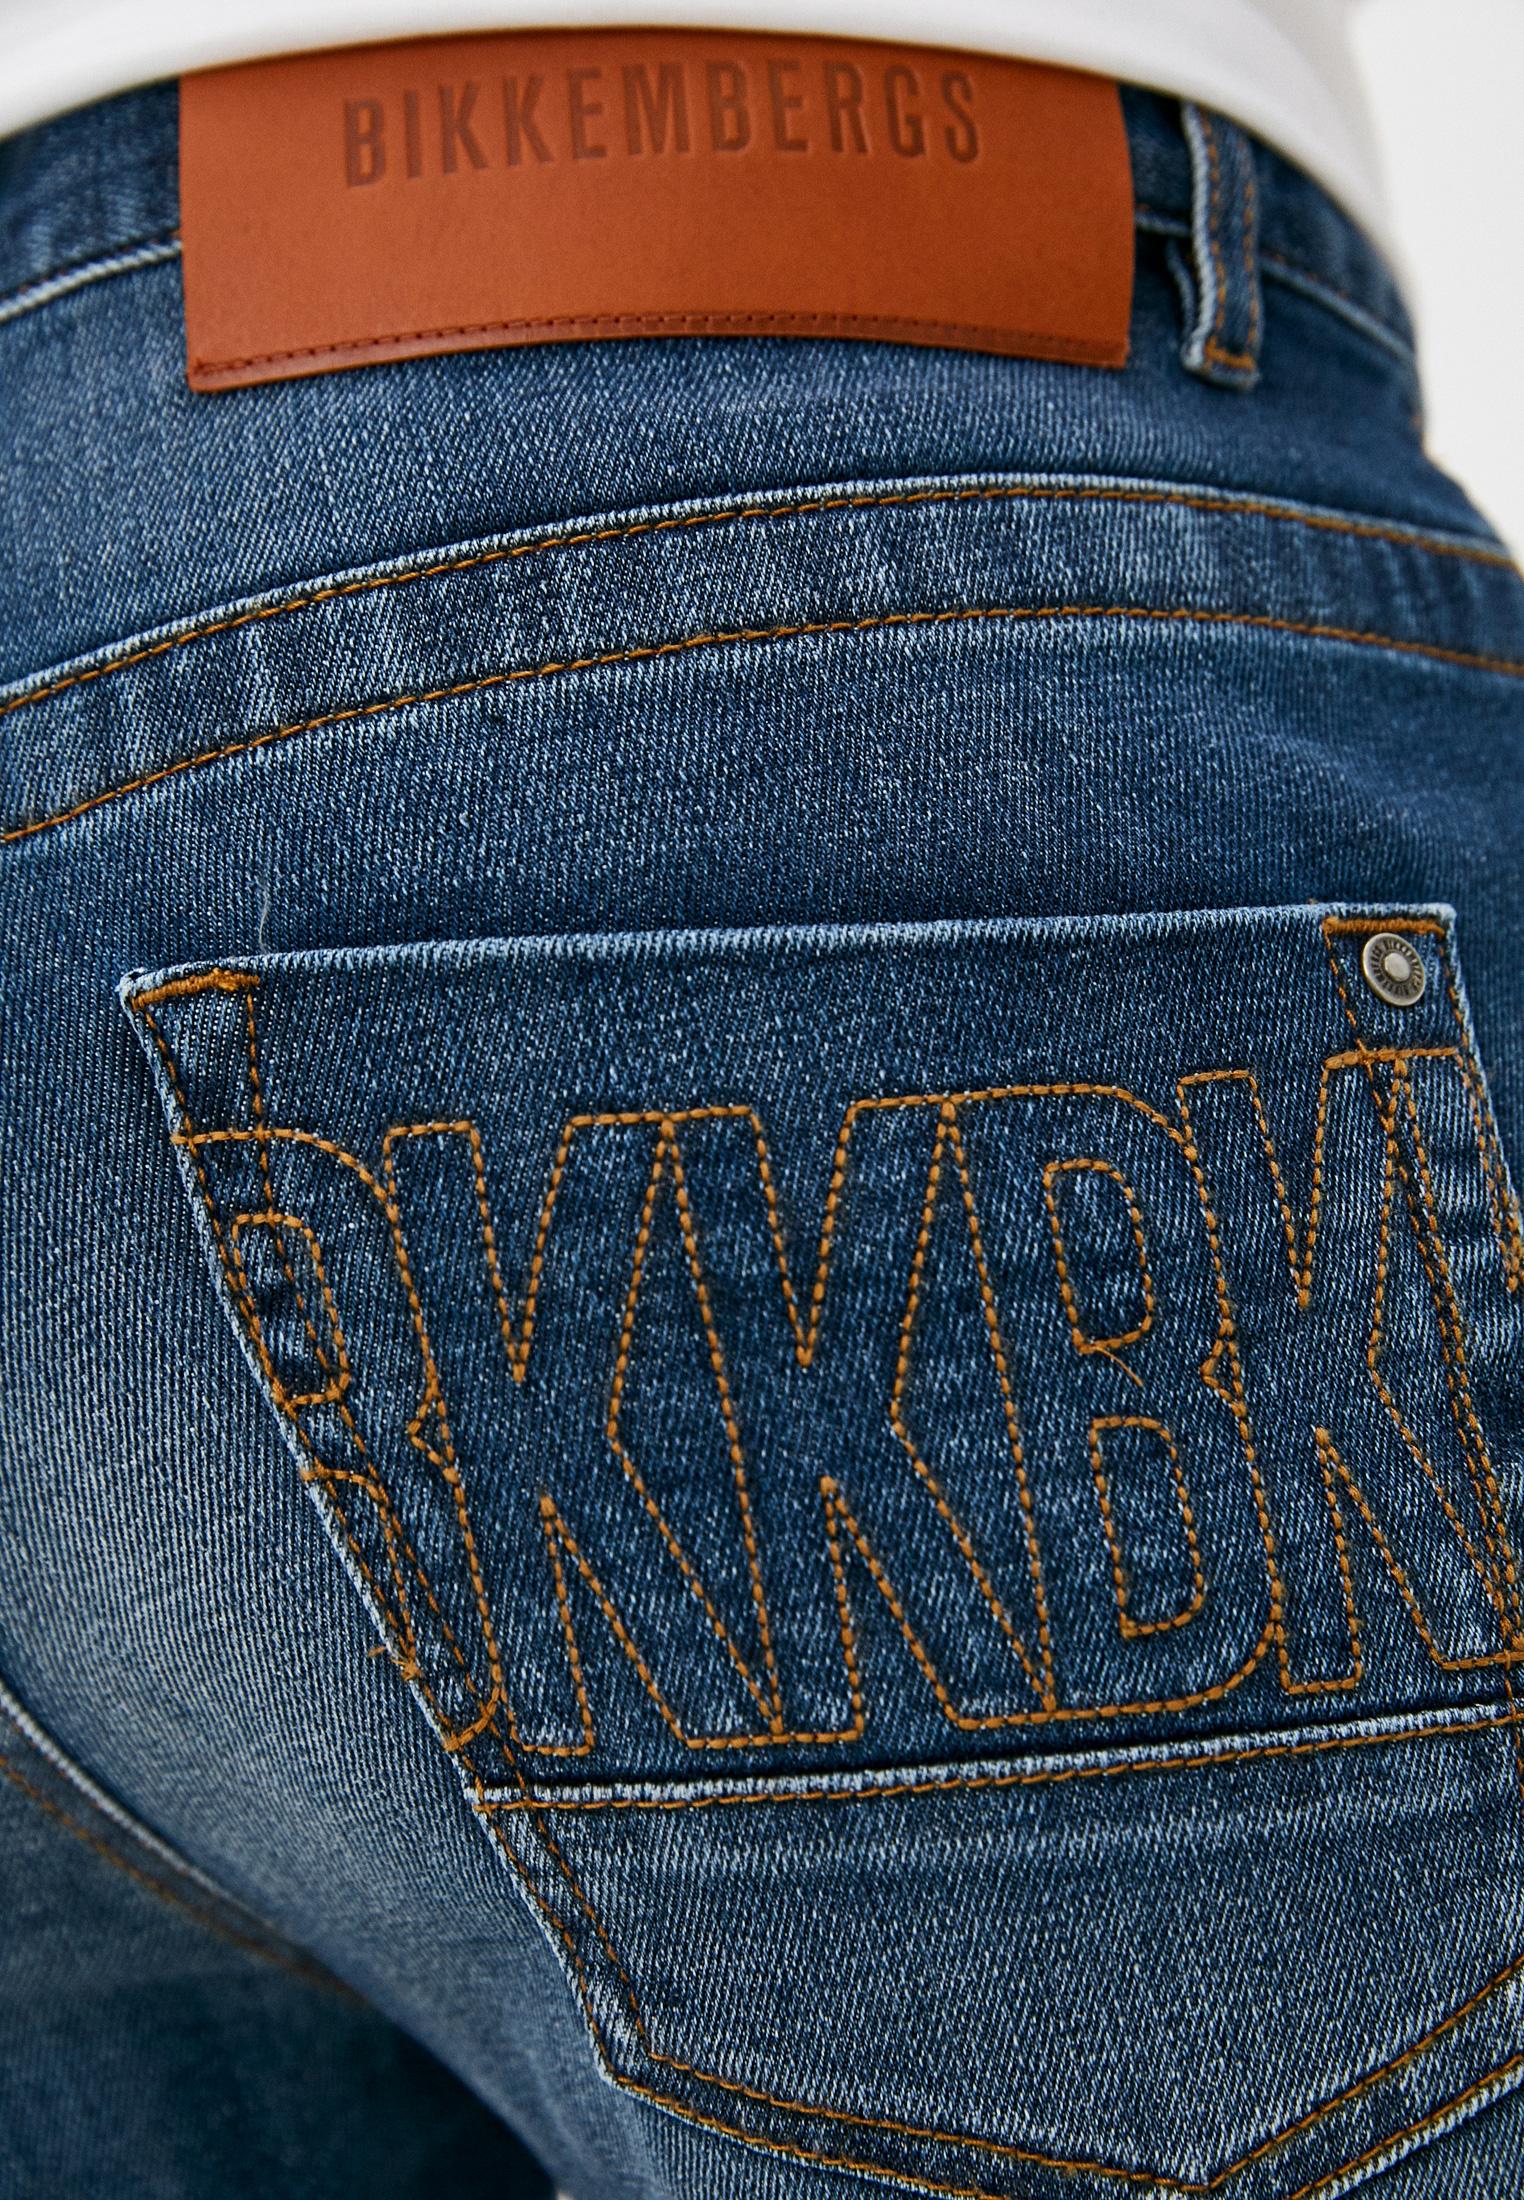 Мужские прямые джинсы Bikkembergs (Биккембергс) C Q 101 17 S 3393: изображение 5